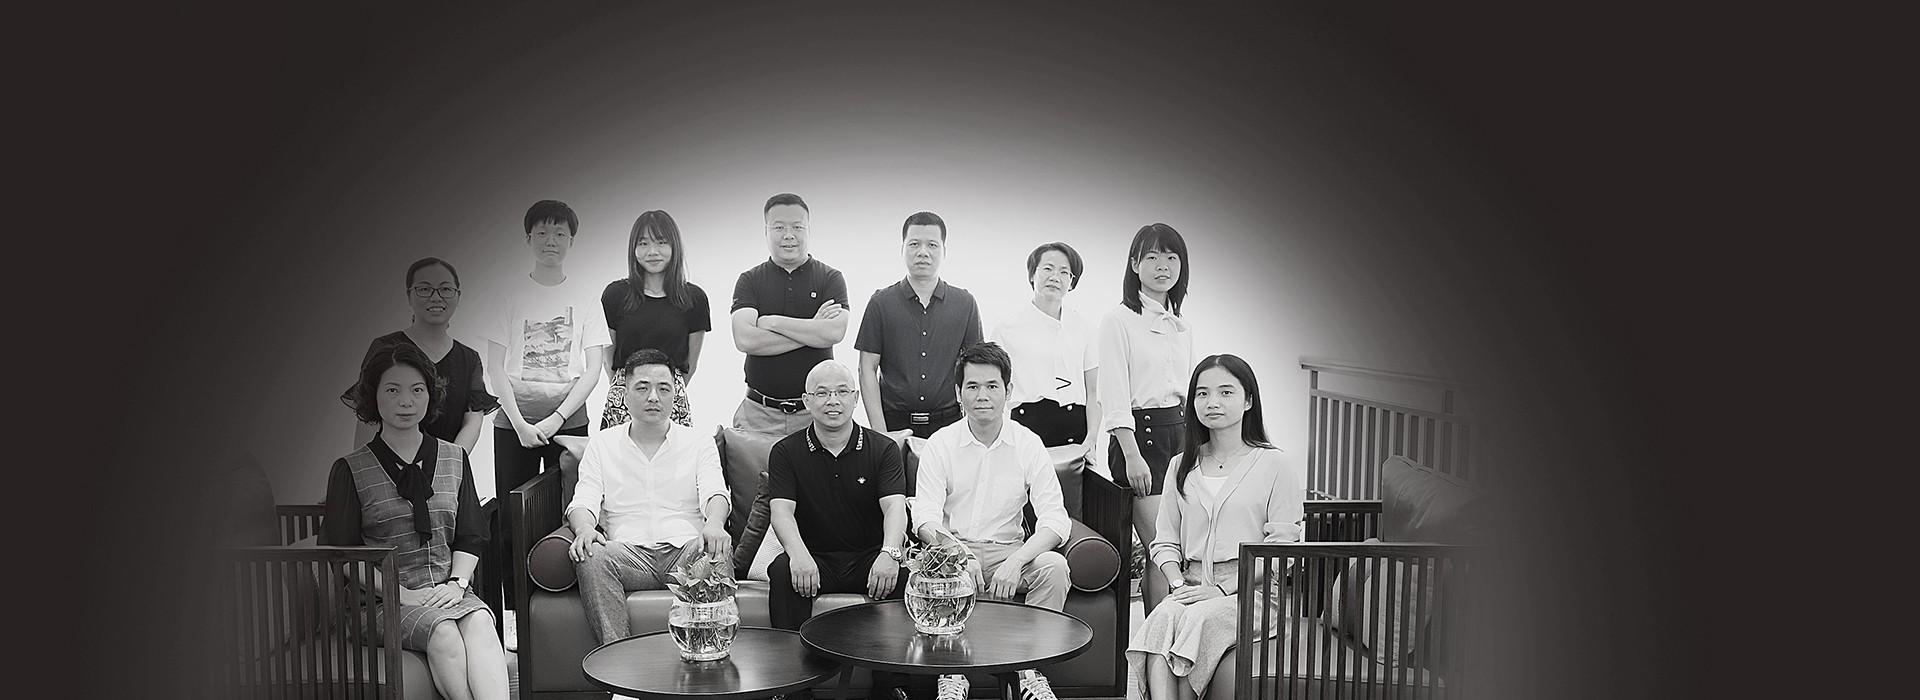 深圳装饰公司设计咖啡店的配色和装饰风格